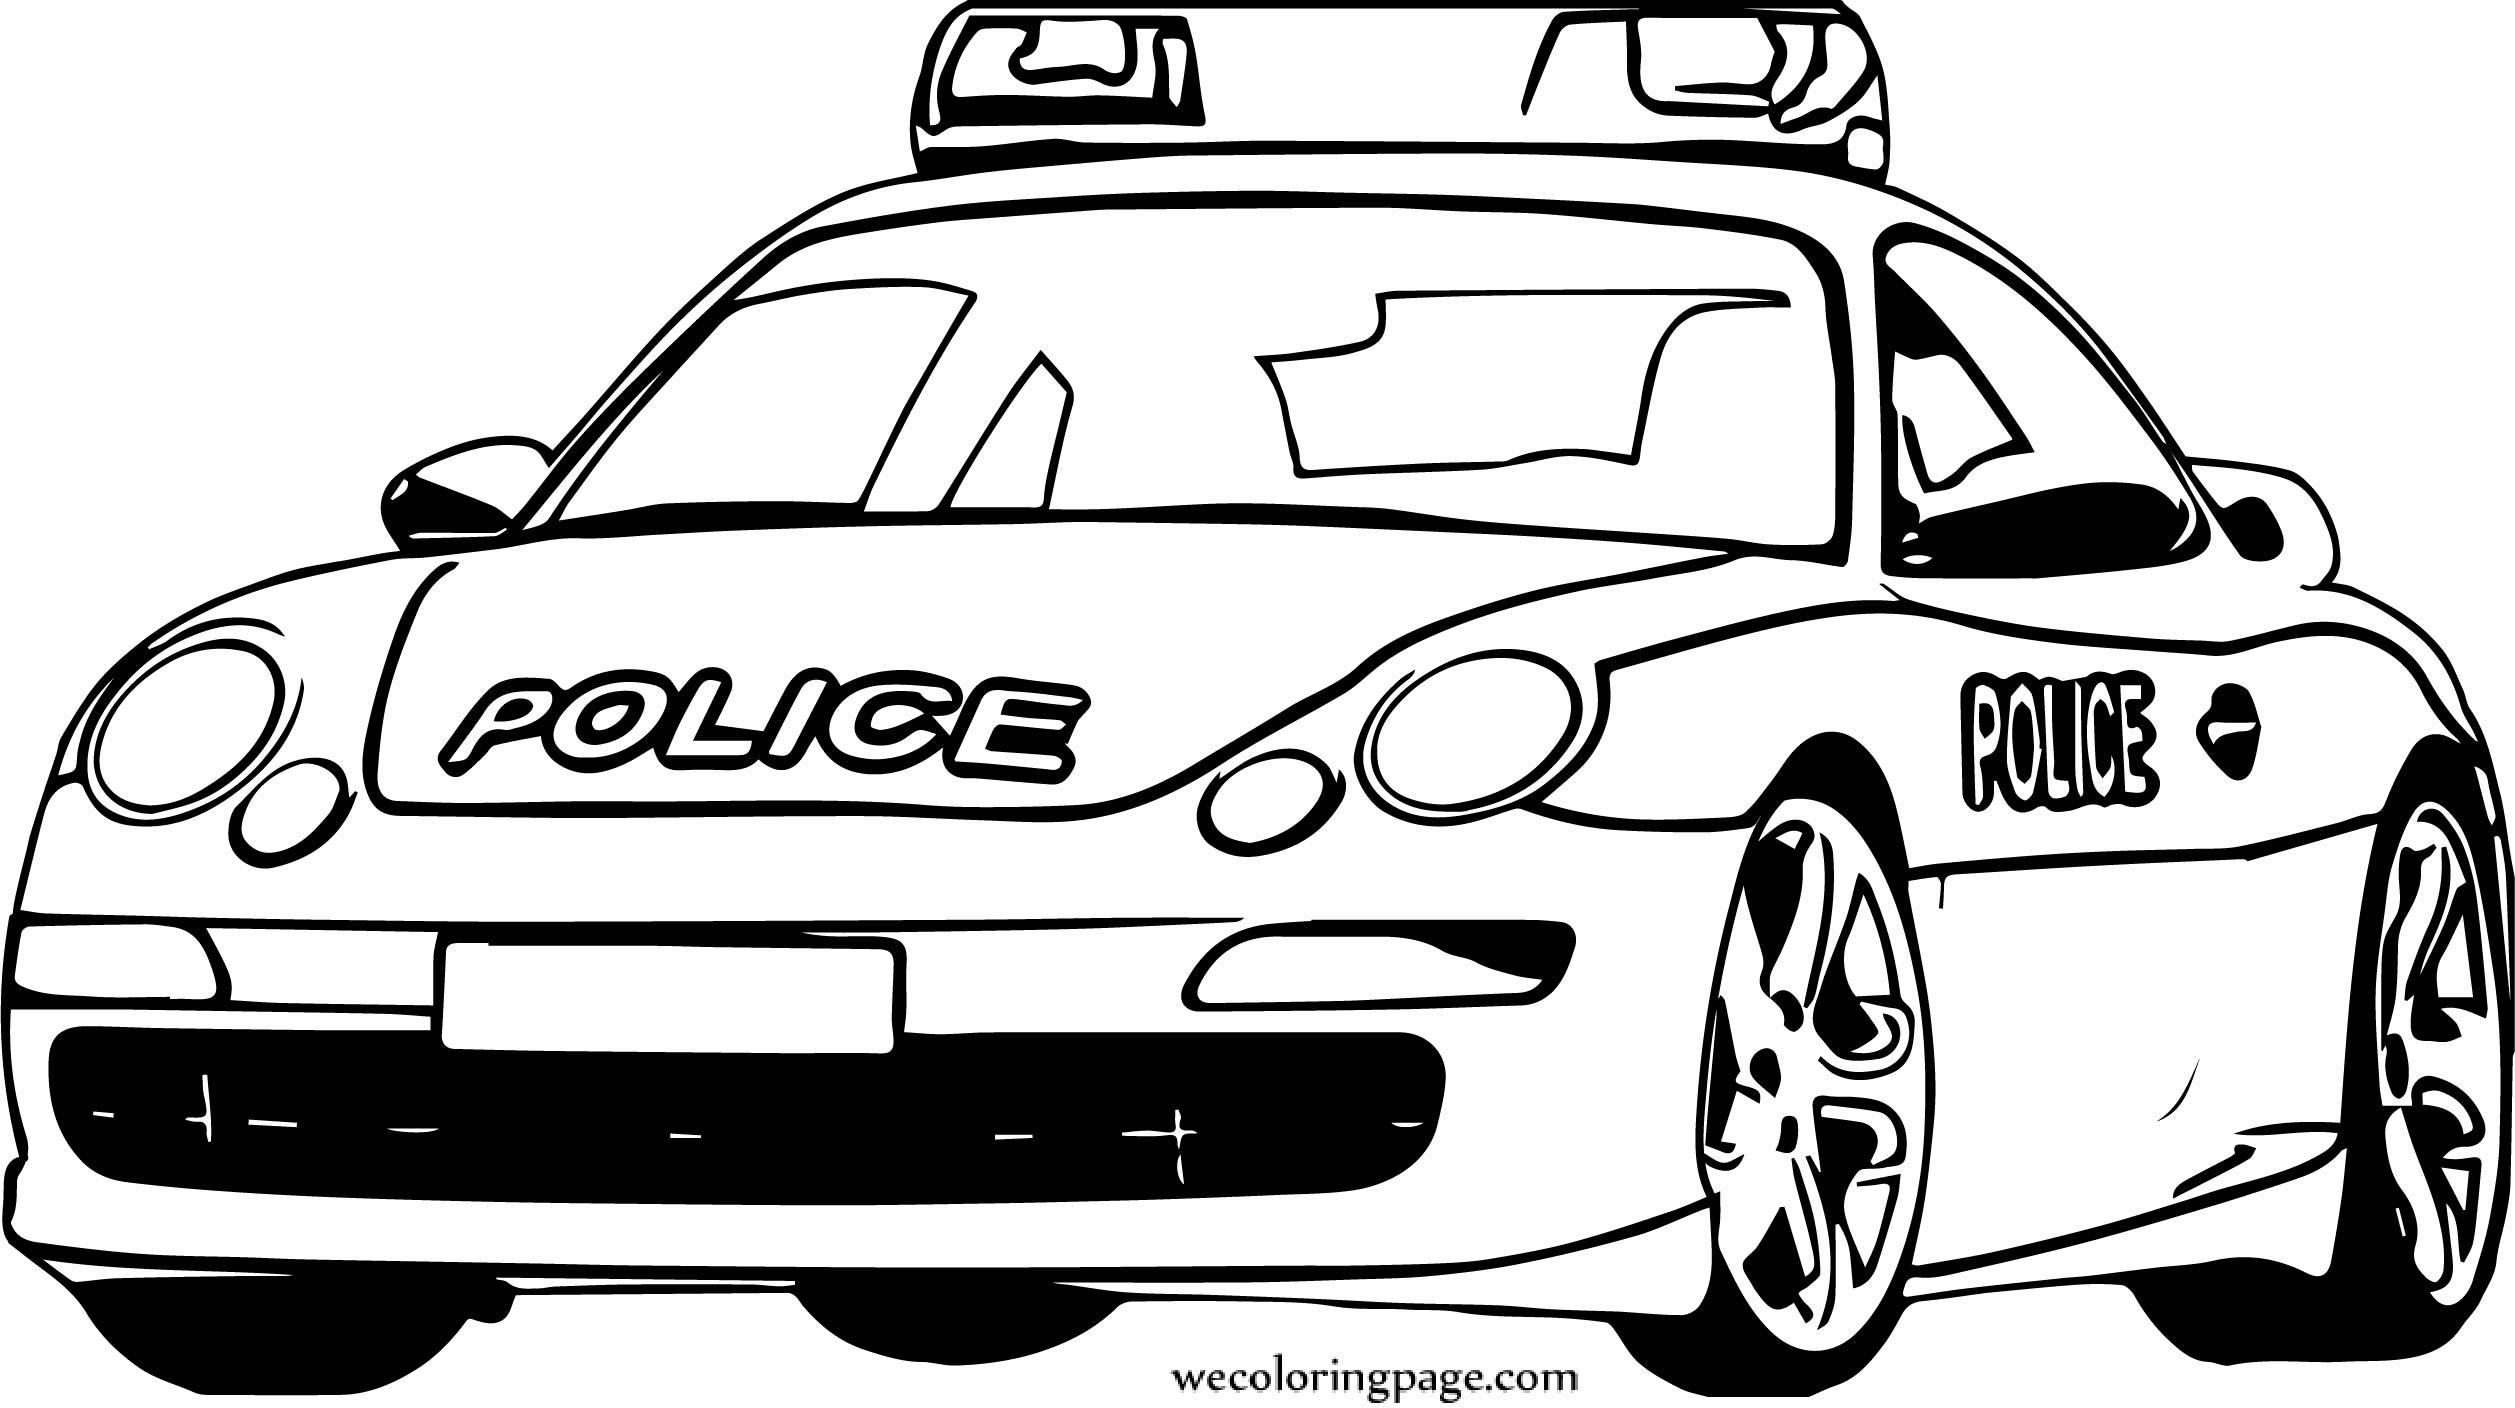 old police car cartoon